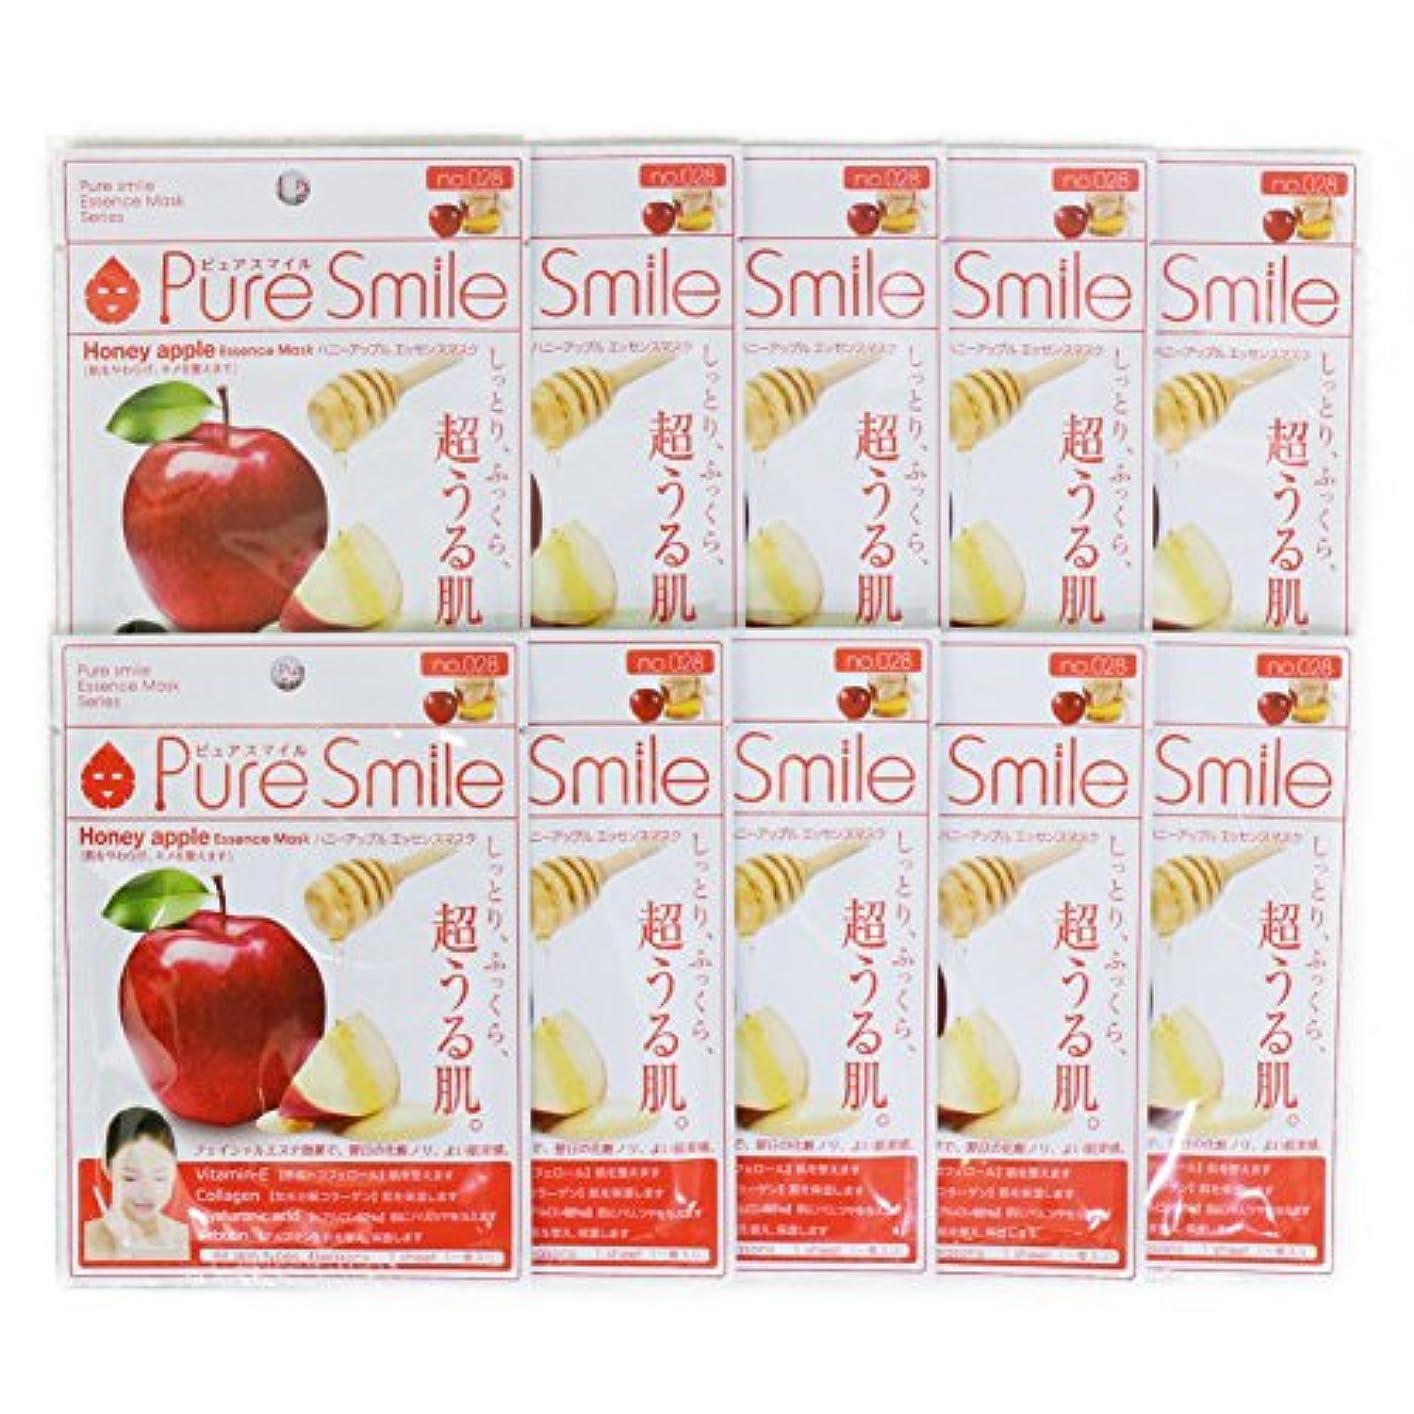 本記事大臣Pure Smile ピュアスマイル エッセンスマスク ハニーアップル 10枚セット